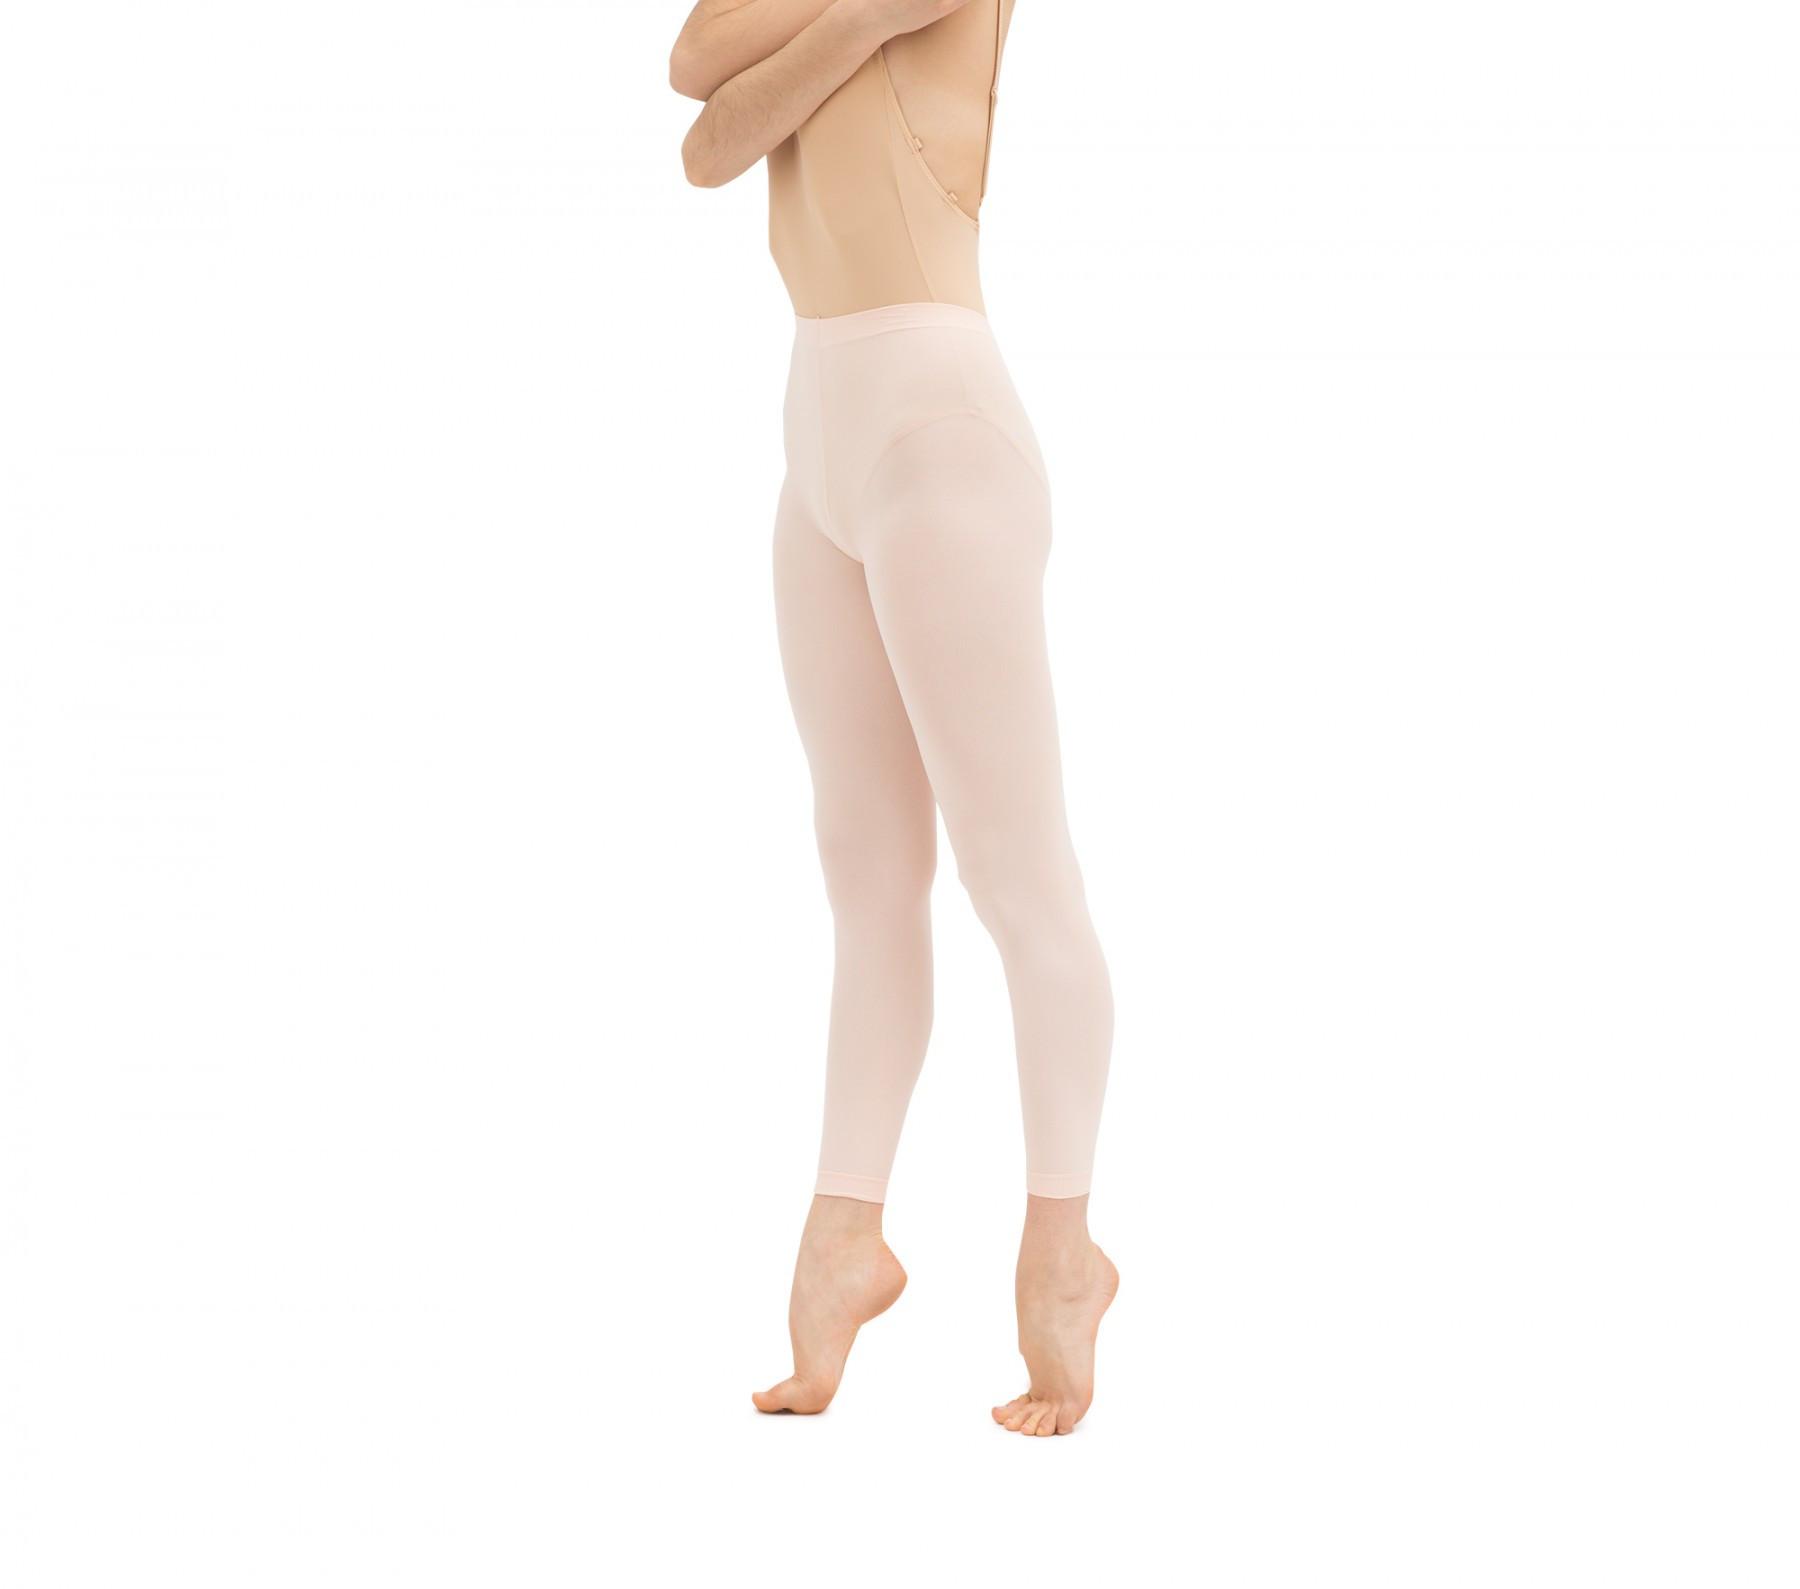 Mädchen-Strumpfhose ohne Füße